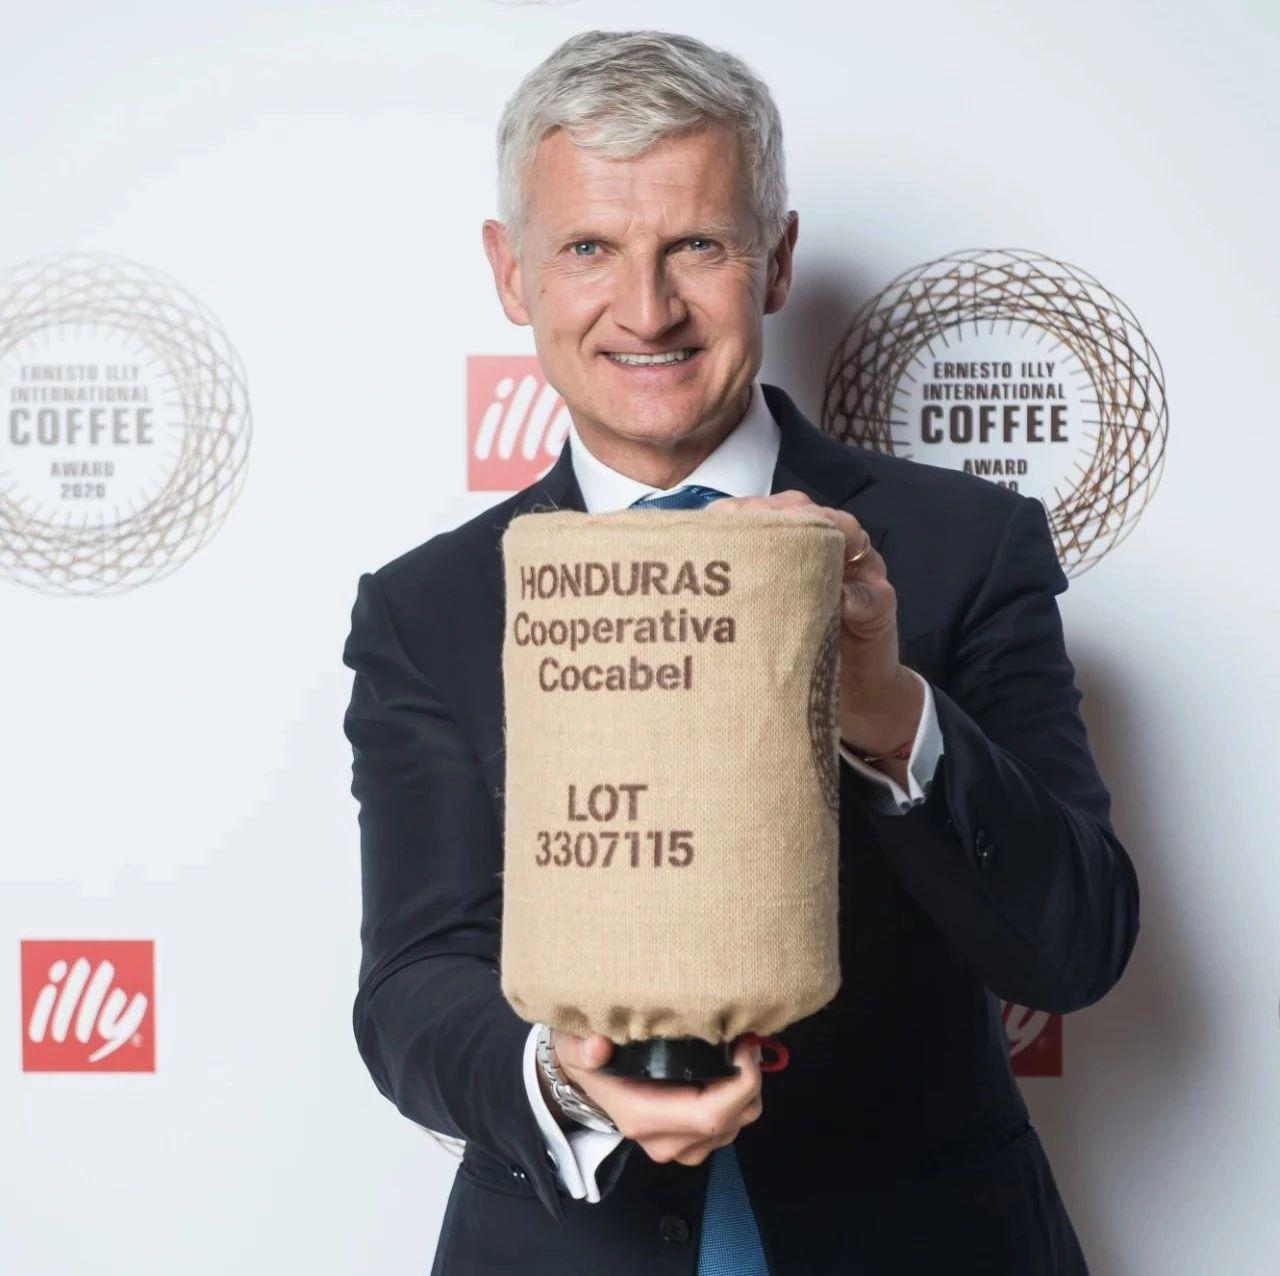 福布斯生活| illy咖啡主席Andrea Illy:我们要为世界提供最好的咖啡